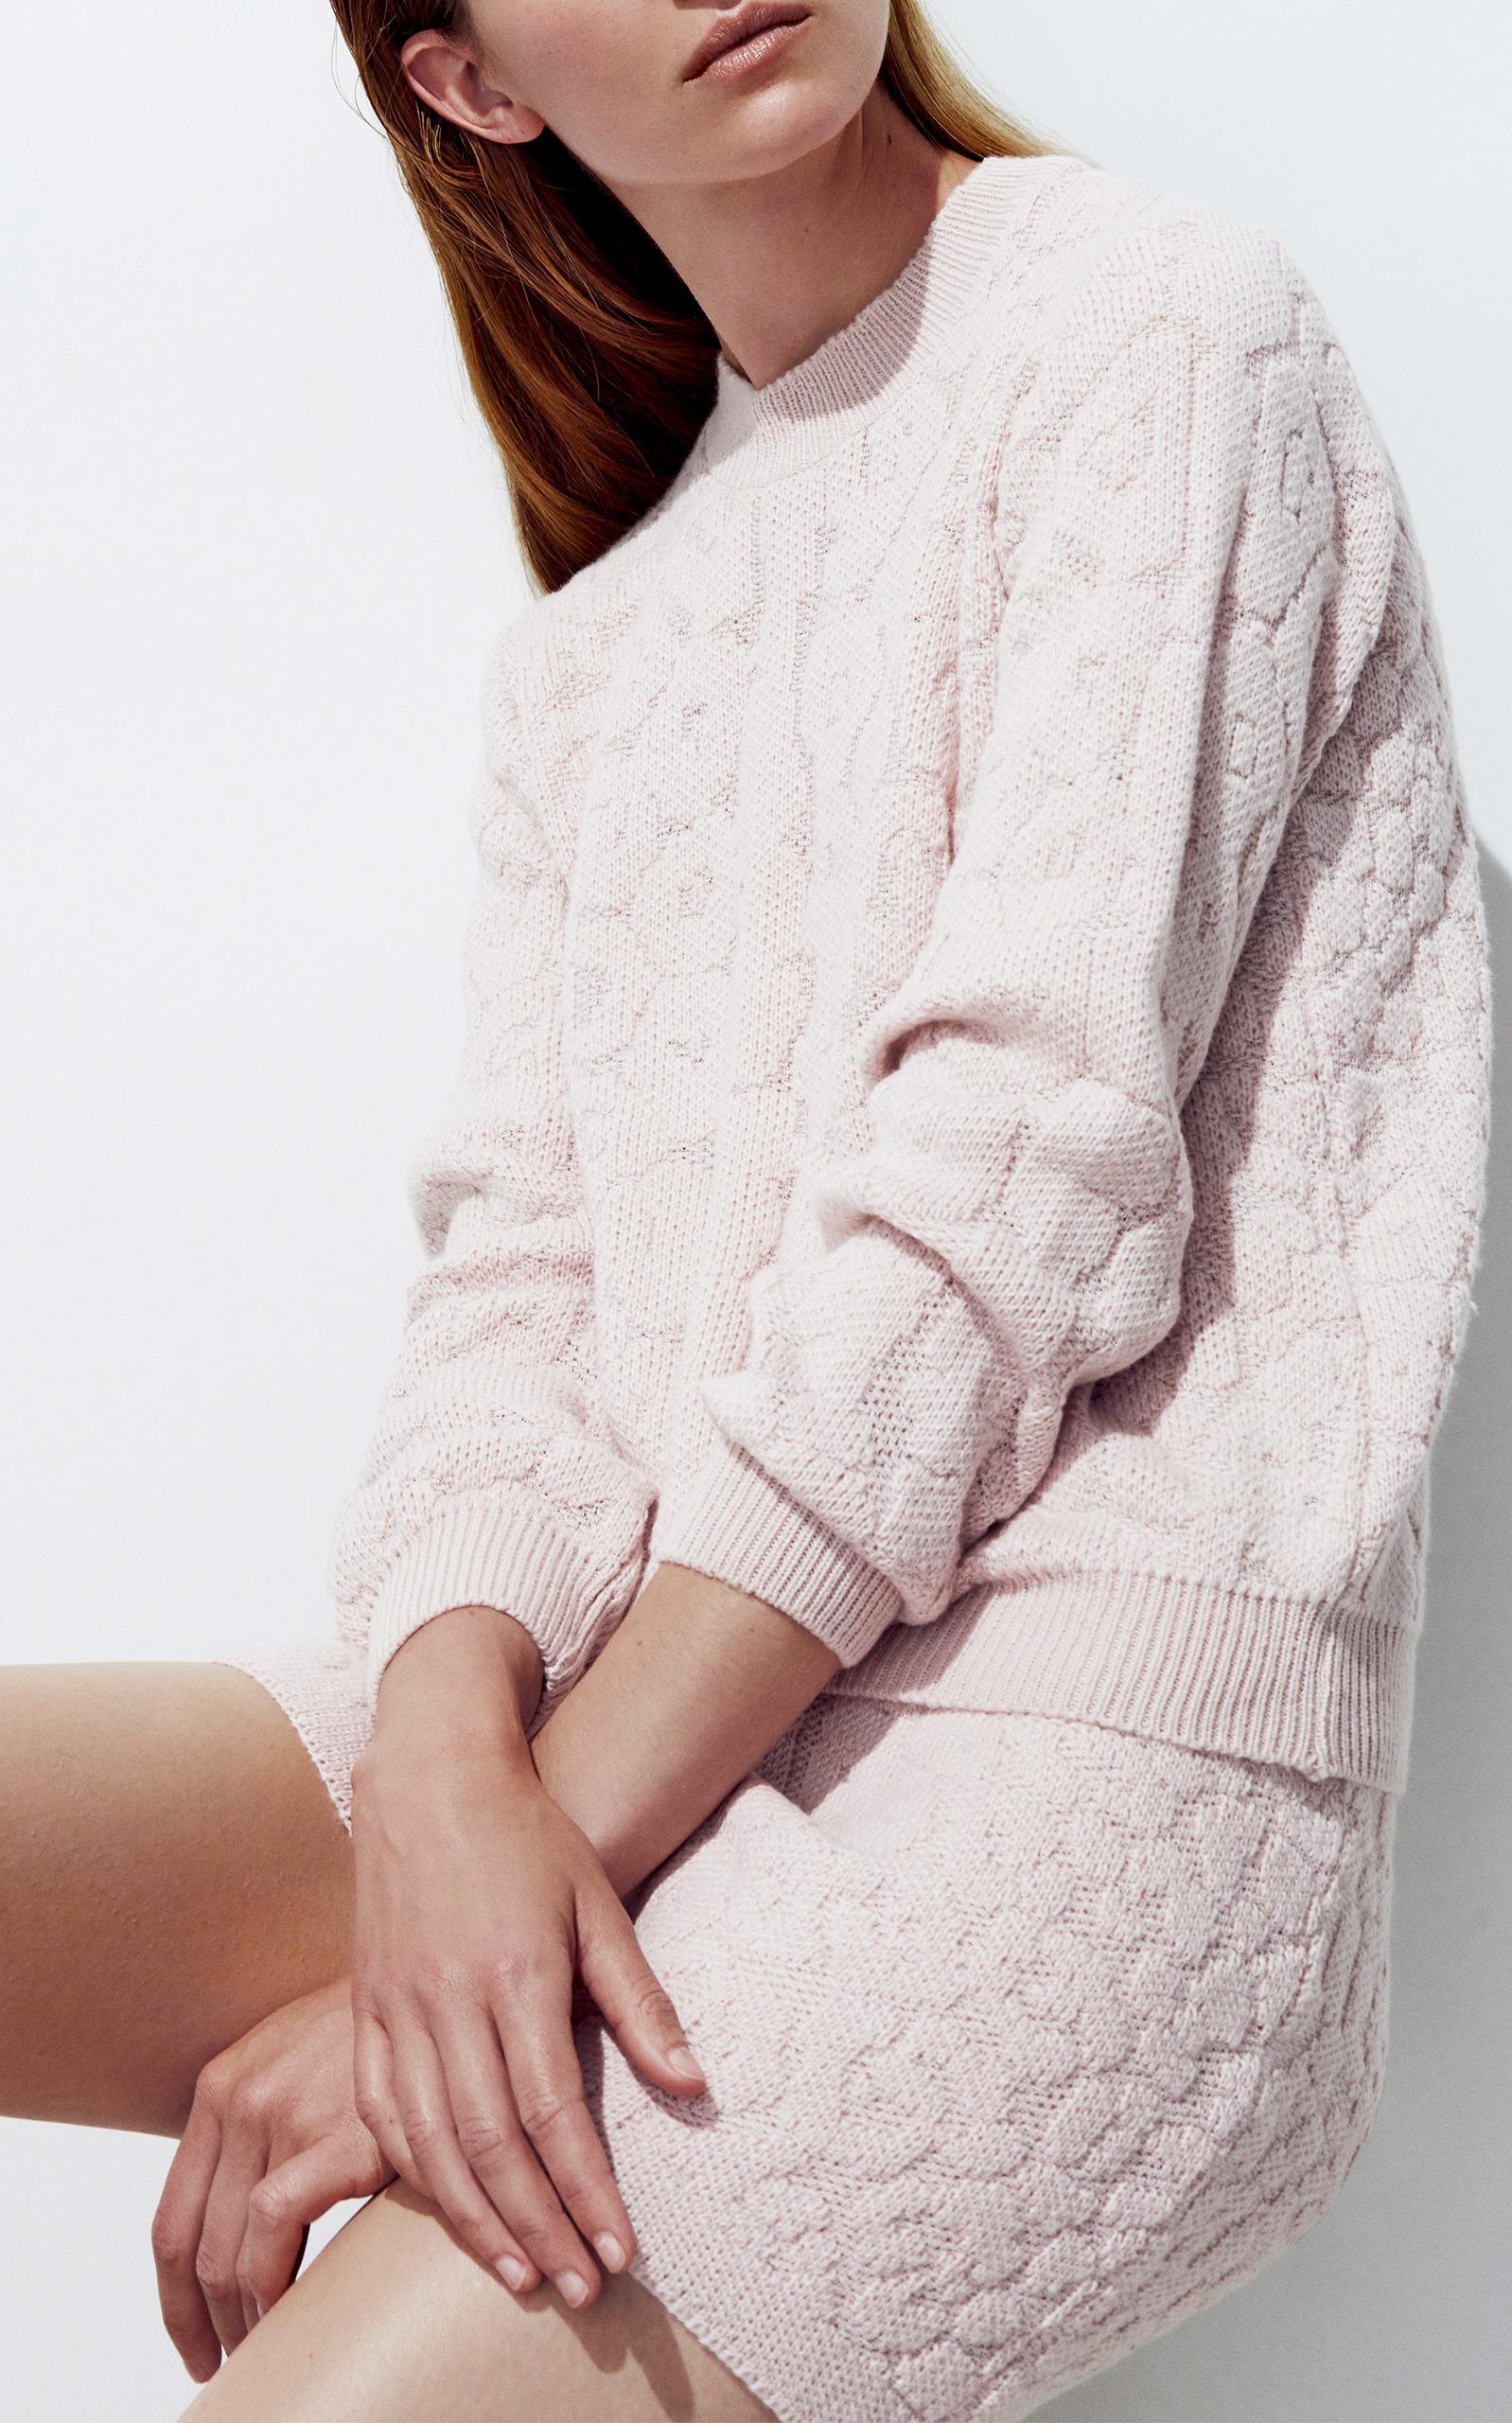 NANNA VAN BLAADEREN Jaguar Print Sweater in Neutral